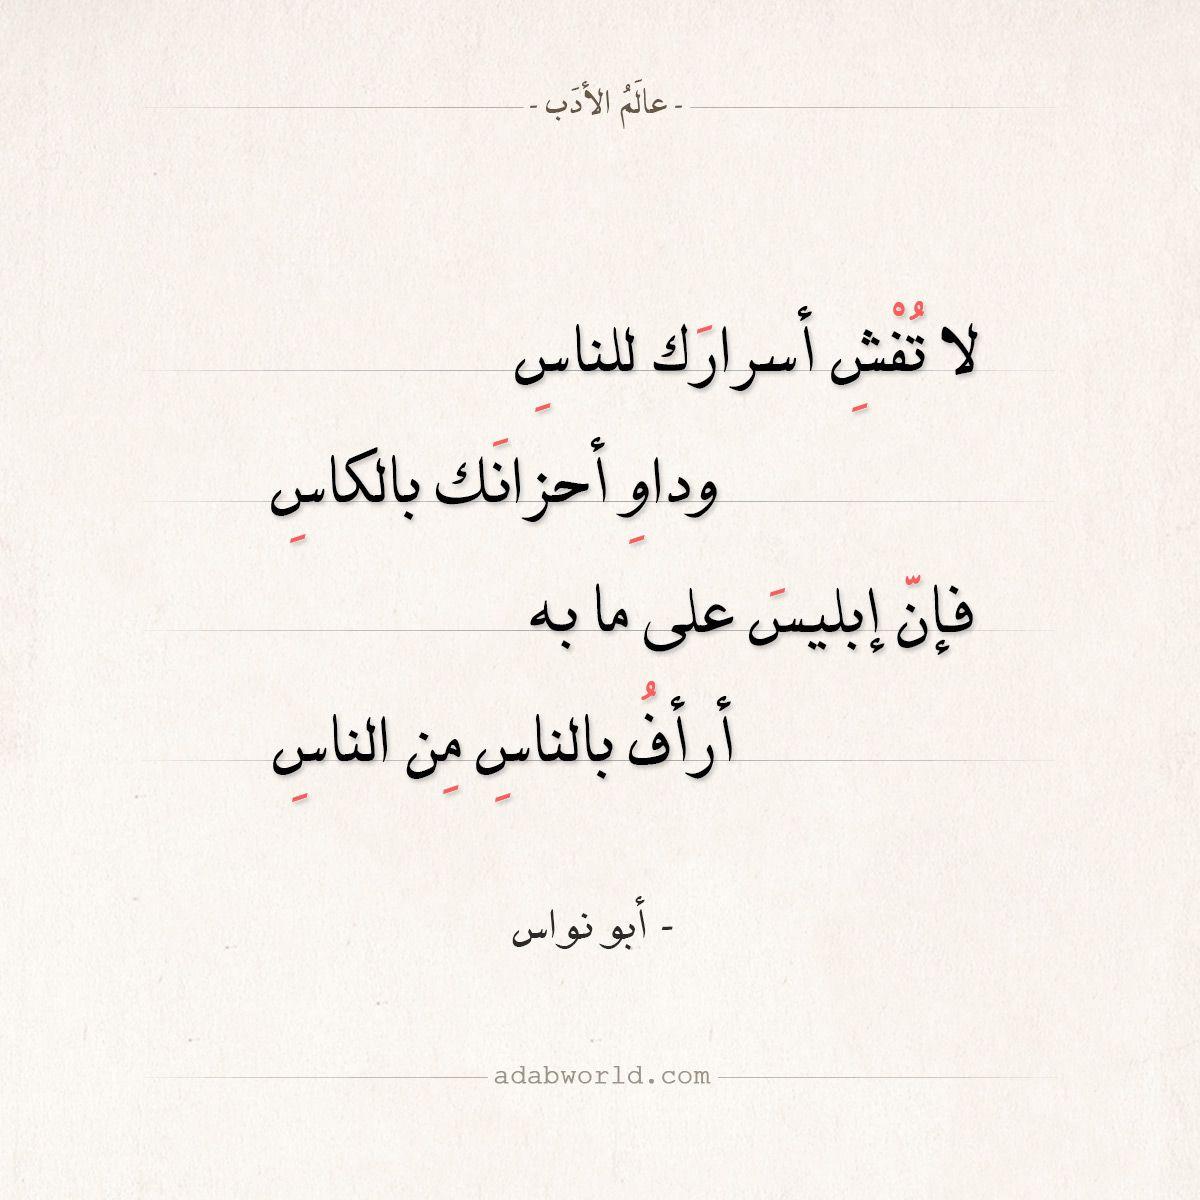 شعر أبو نواس لا تفش أسرارك للناس عالم الأدب Words Quotes Words Quotes